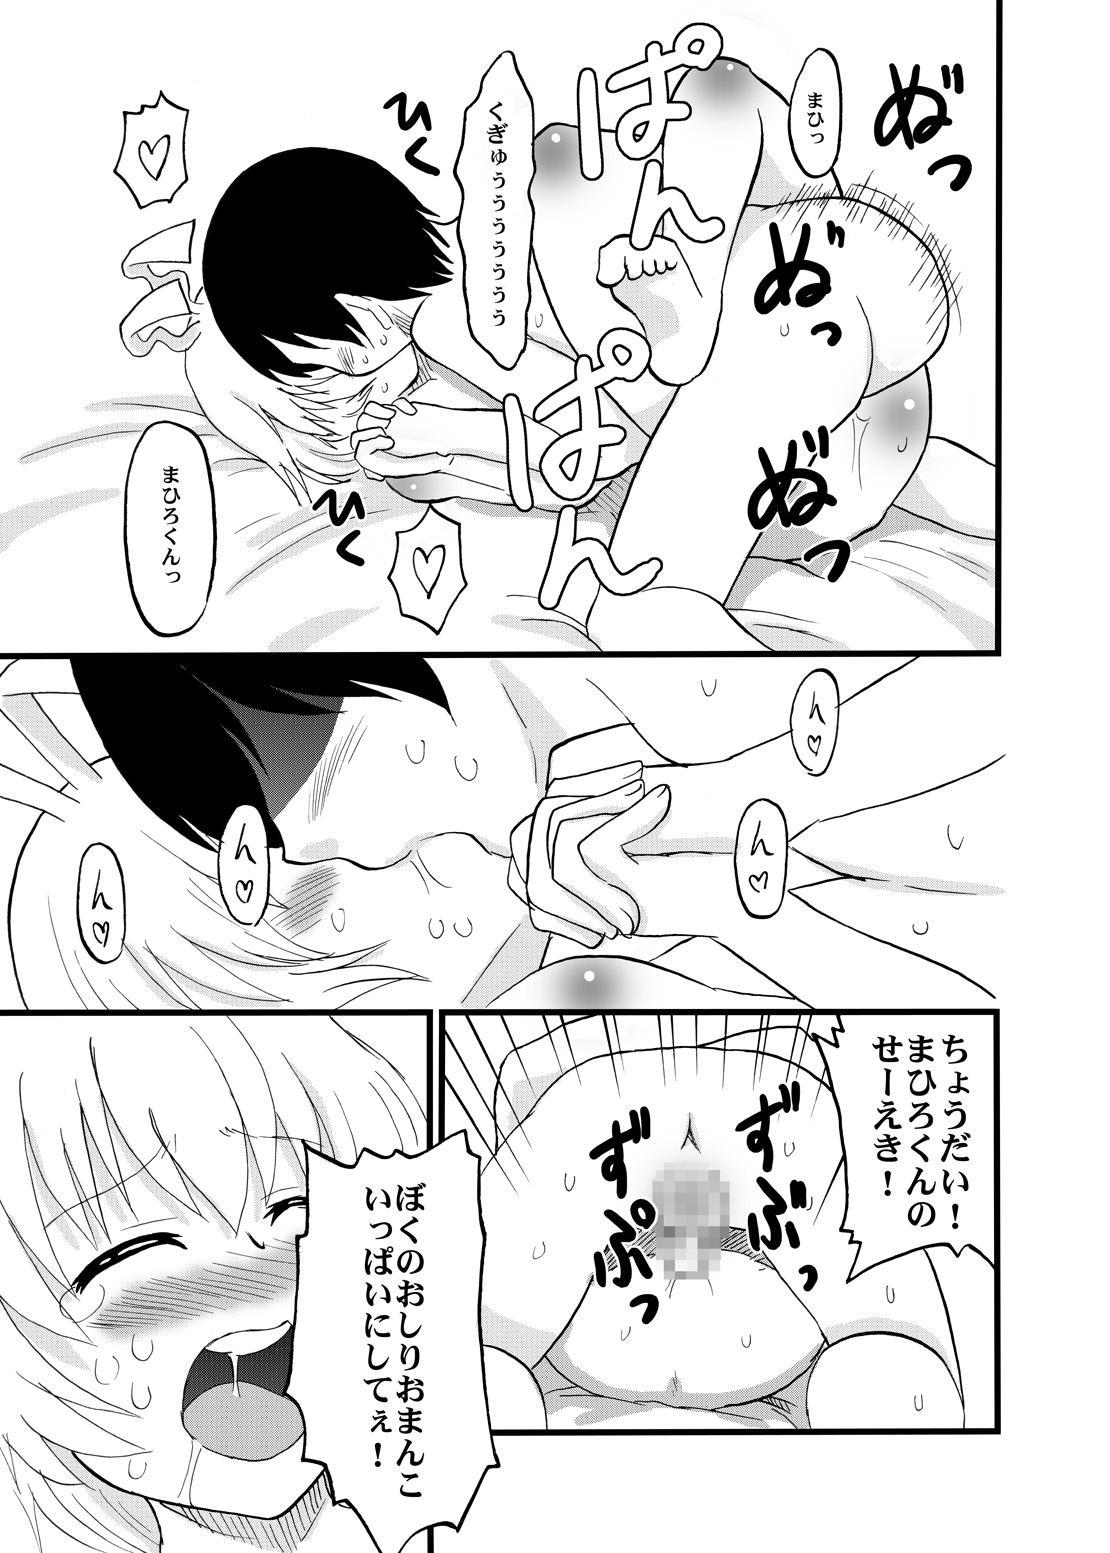 Mahiro-kun to Oshiri Sex shiteru Nyau 16